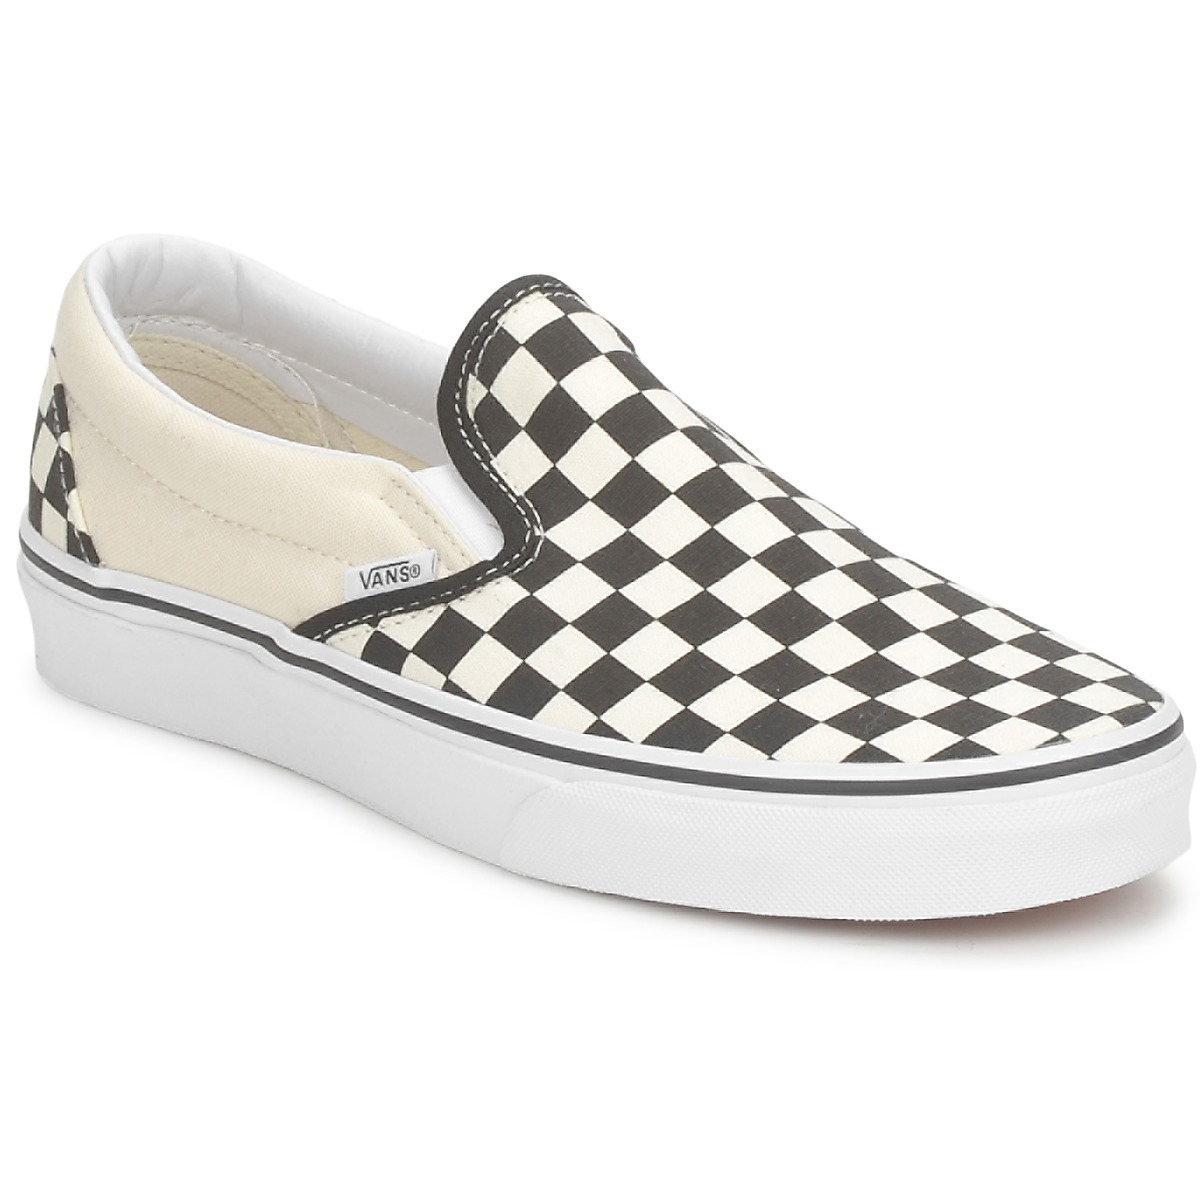 scarpe donna vans donna